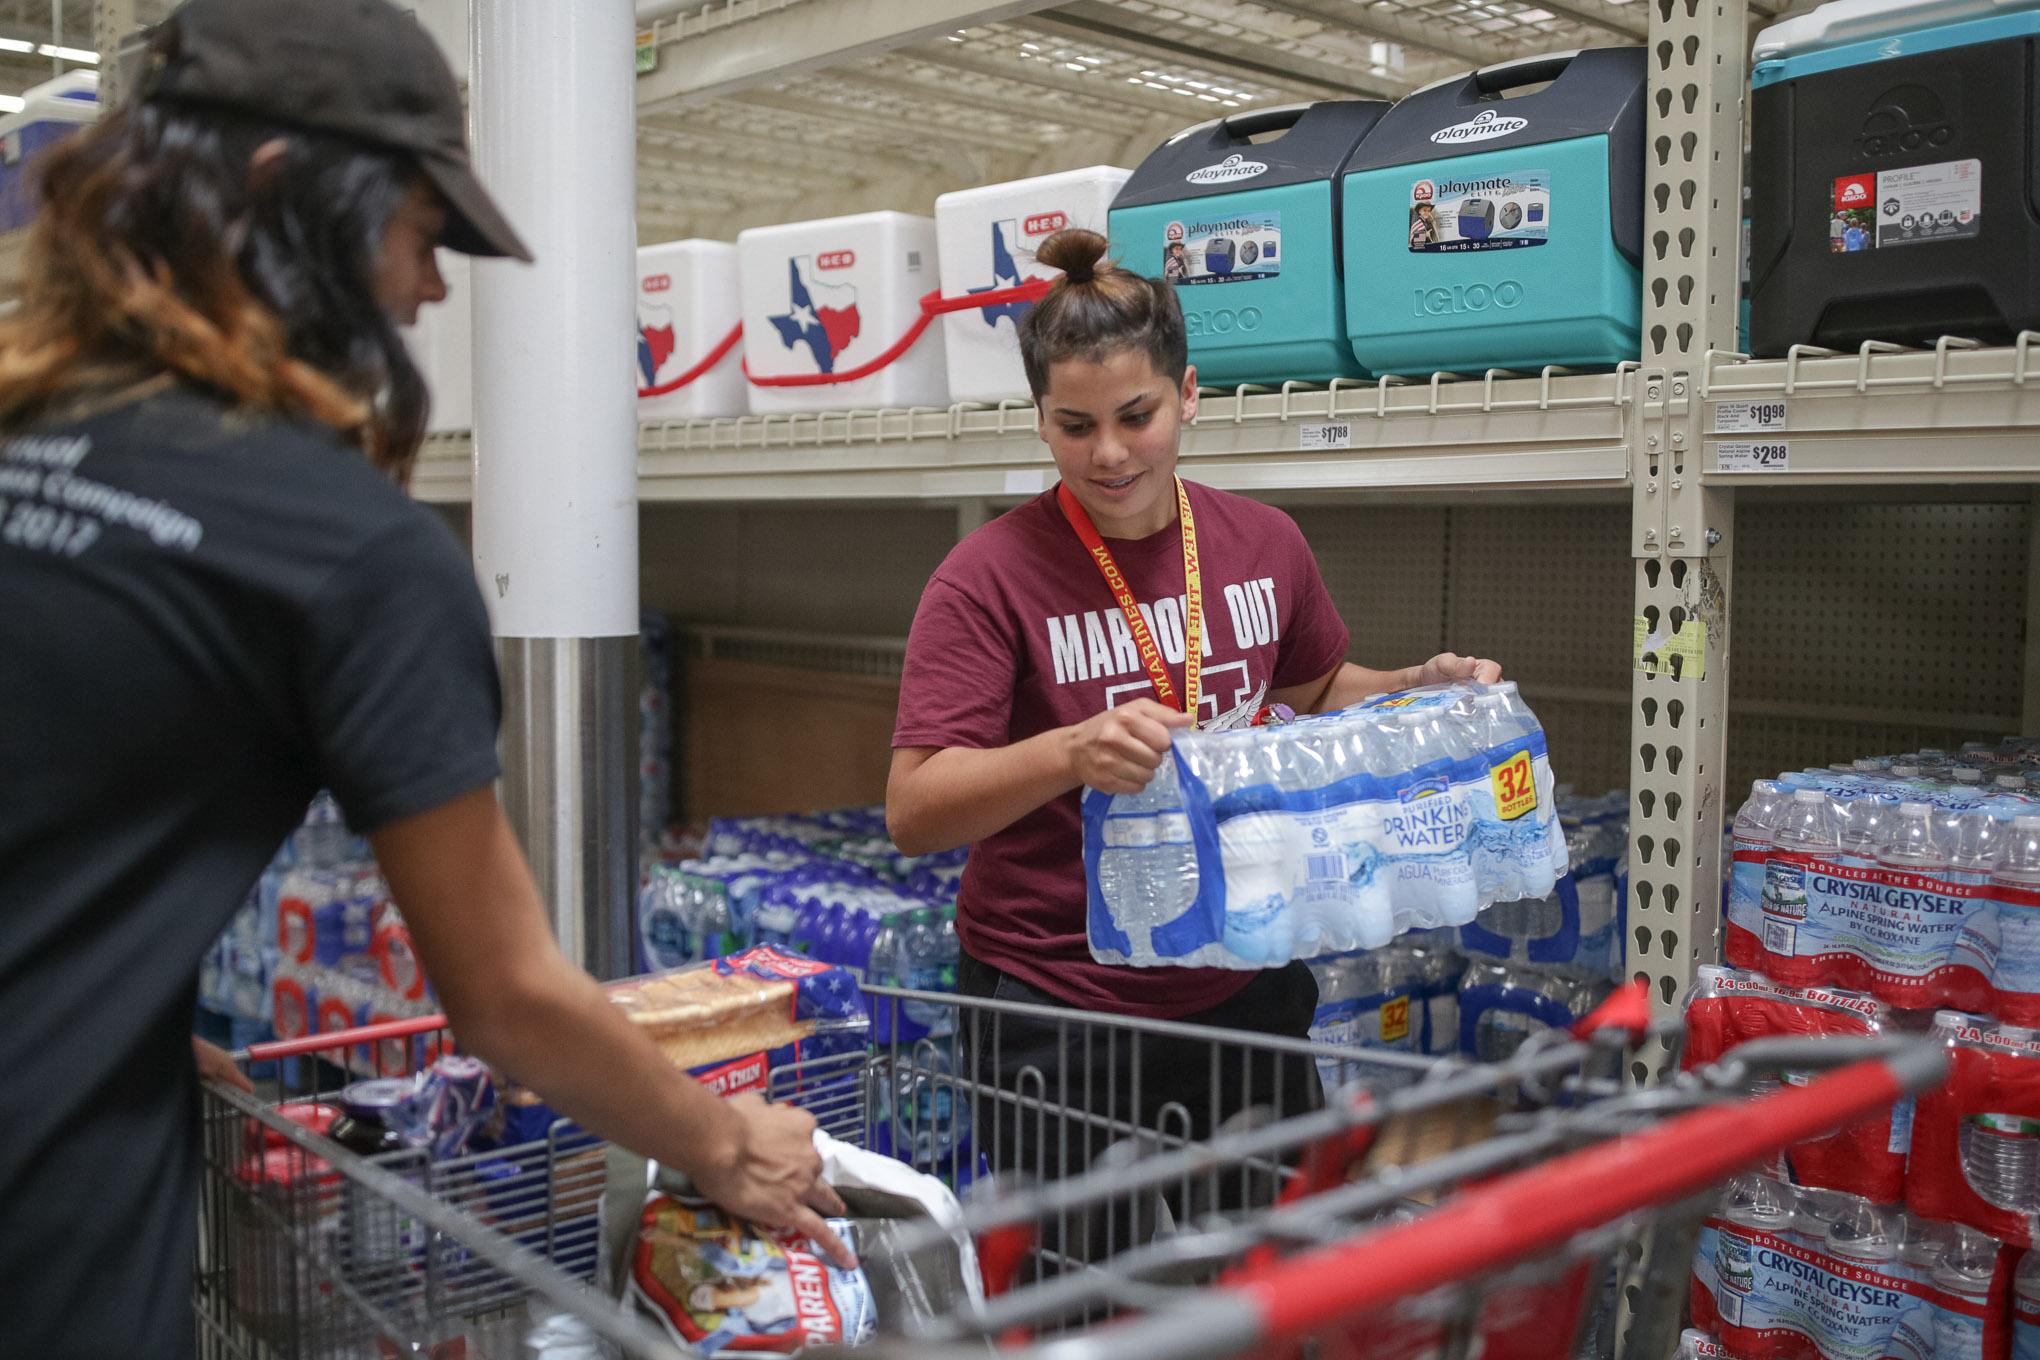 Joshua De La Cruz and Amanda Herrera stock up on cases of water in preparation for the weekend's weather.